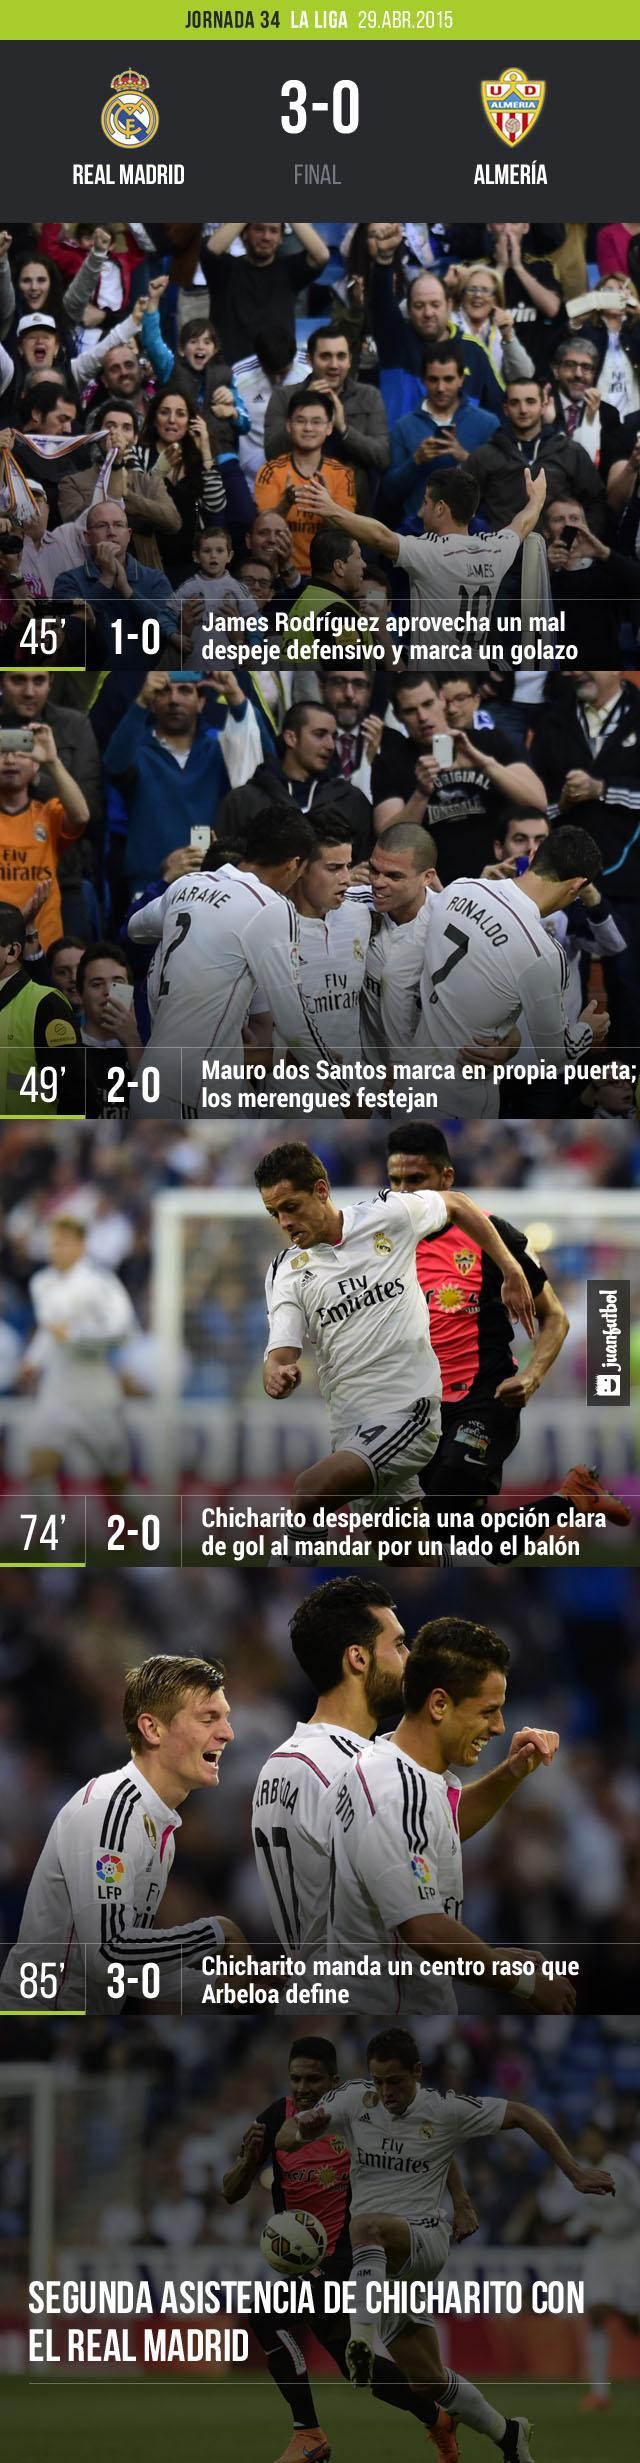 Real Madrid derrota 3-0 al Almería en la jornada 34 de La Liga